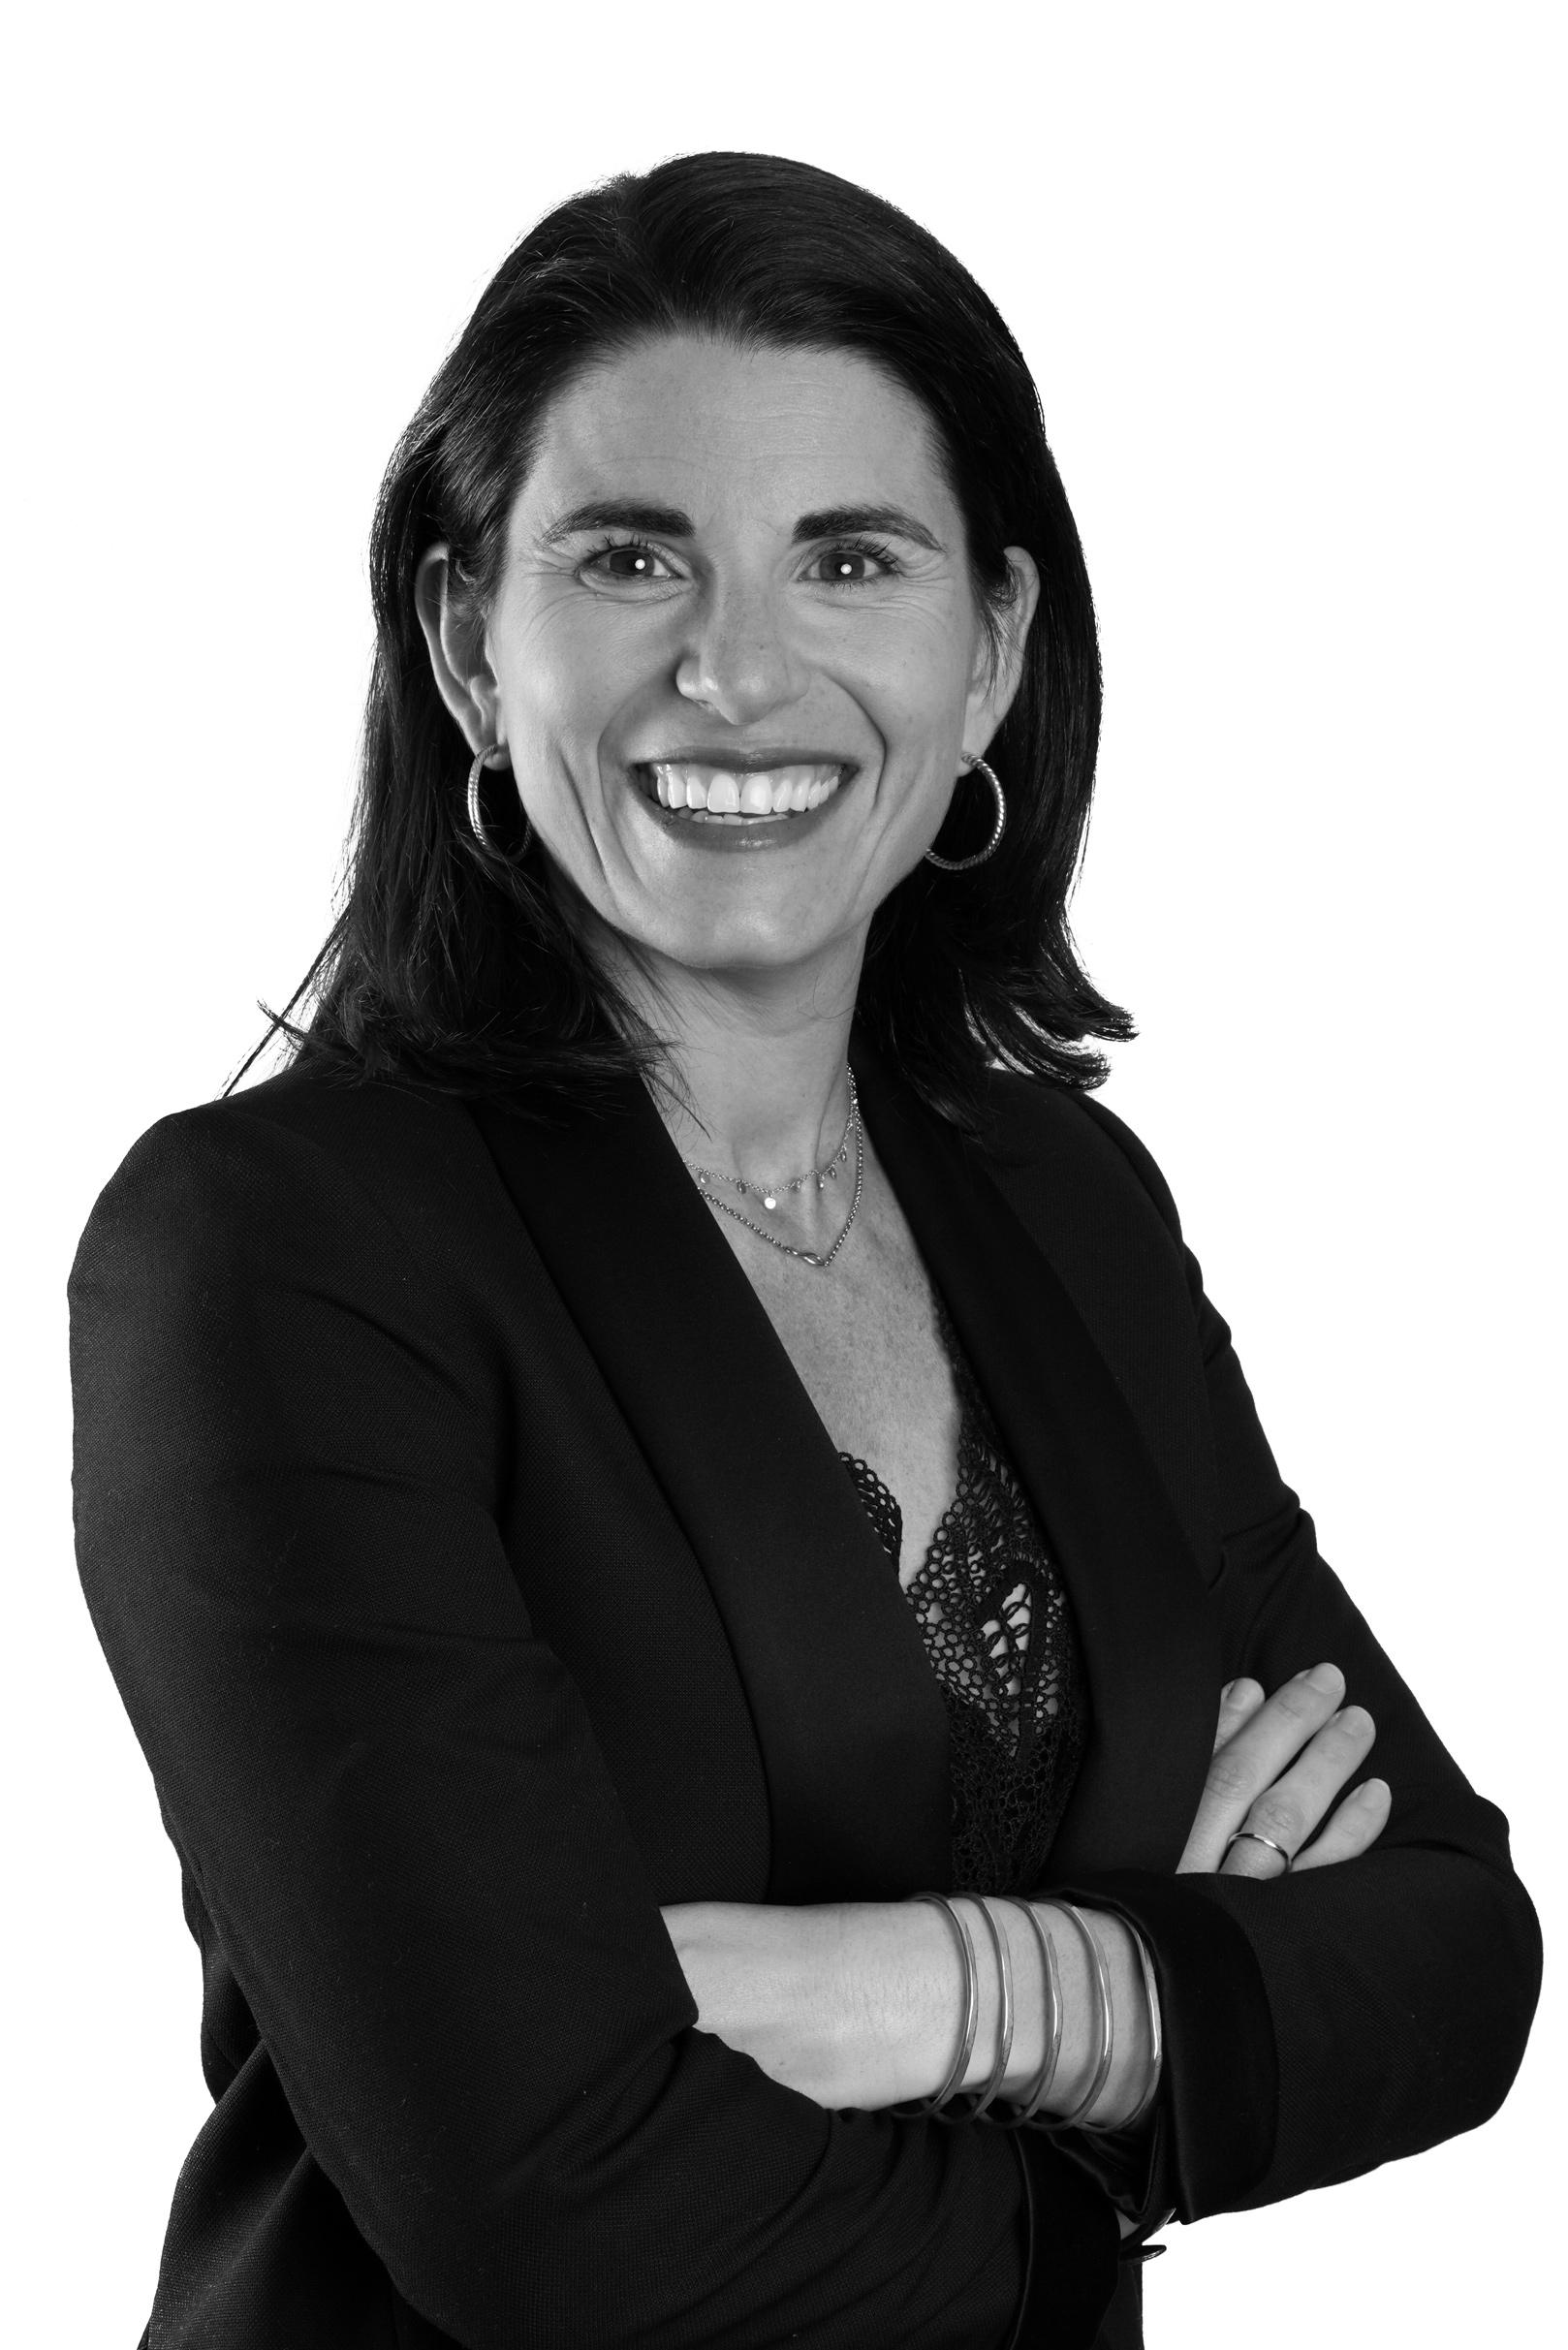 Dra. Victoria Feito